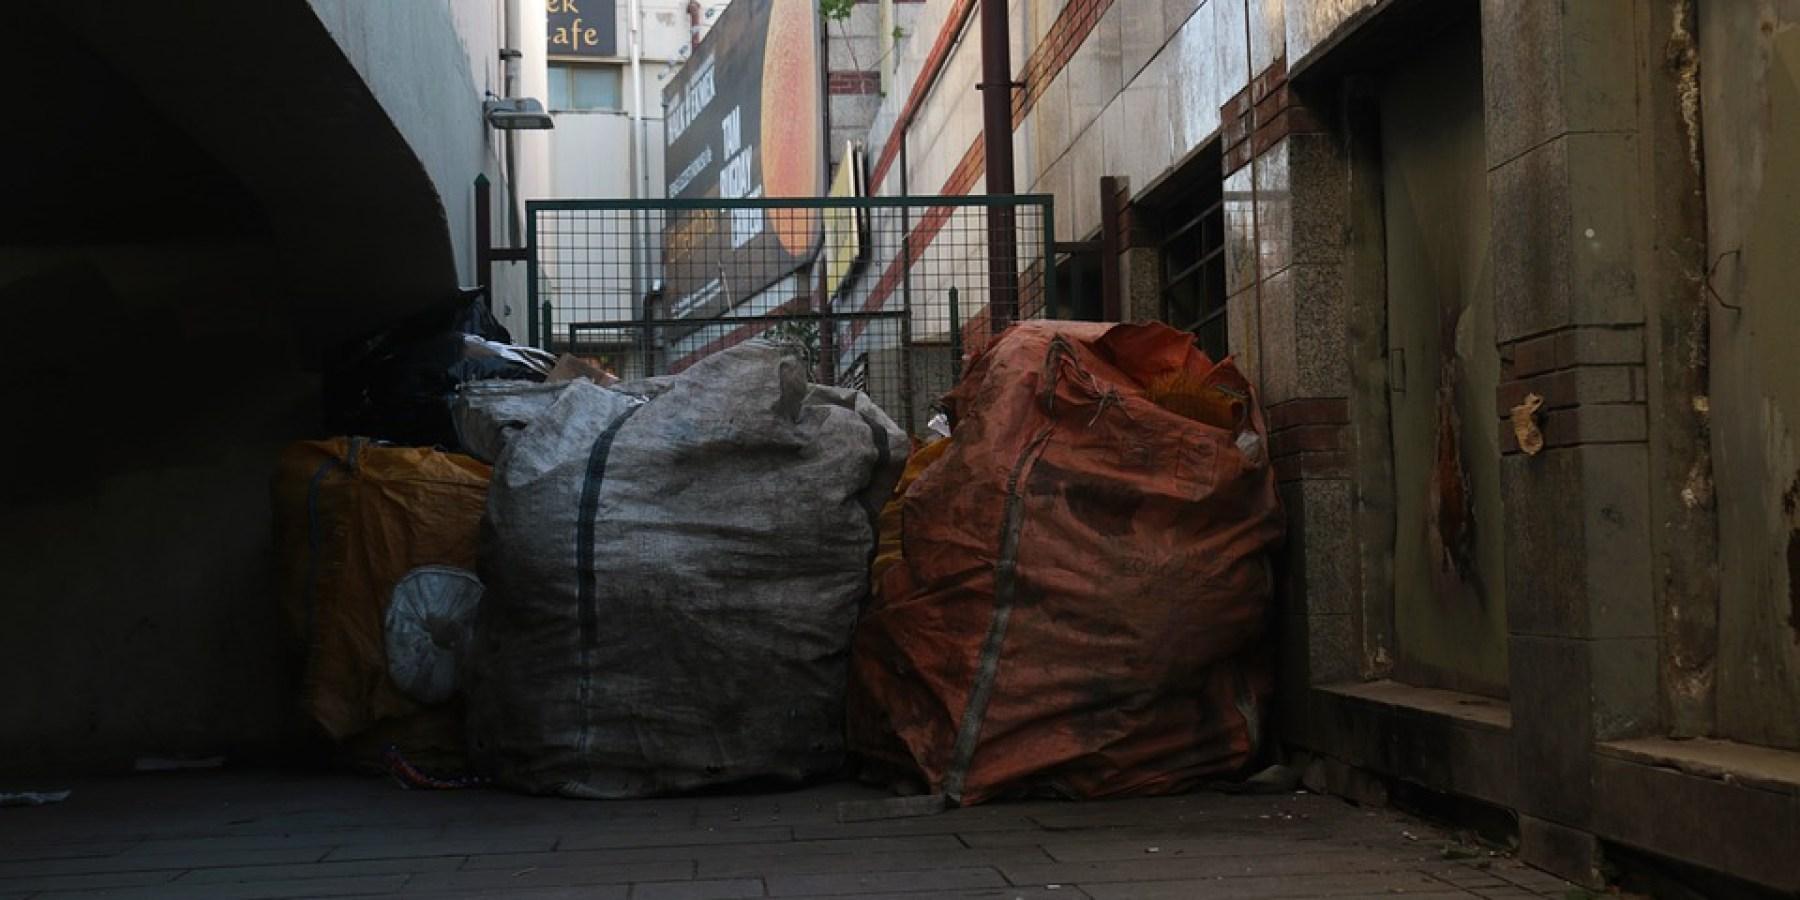 Türen von Obdachlosenunterkunft mit Müllcontainern versperrt